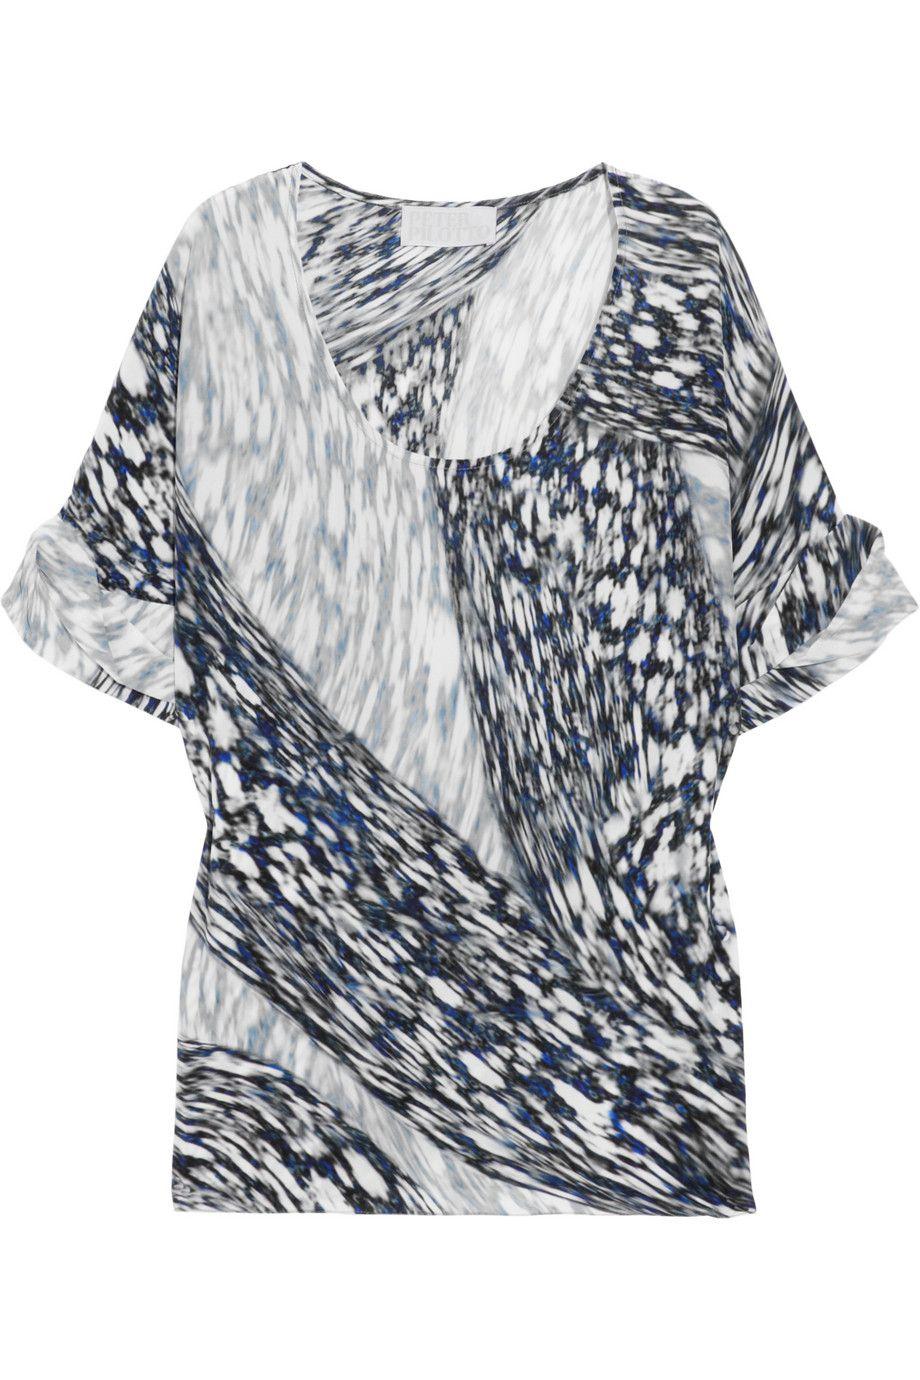 Peter Pilotto  Printed silk top  Original price 755 Now 302